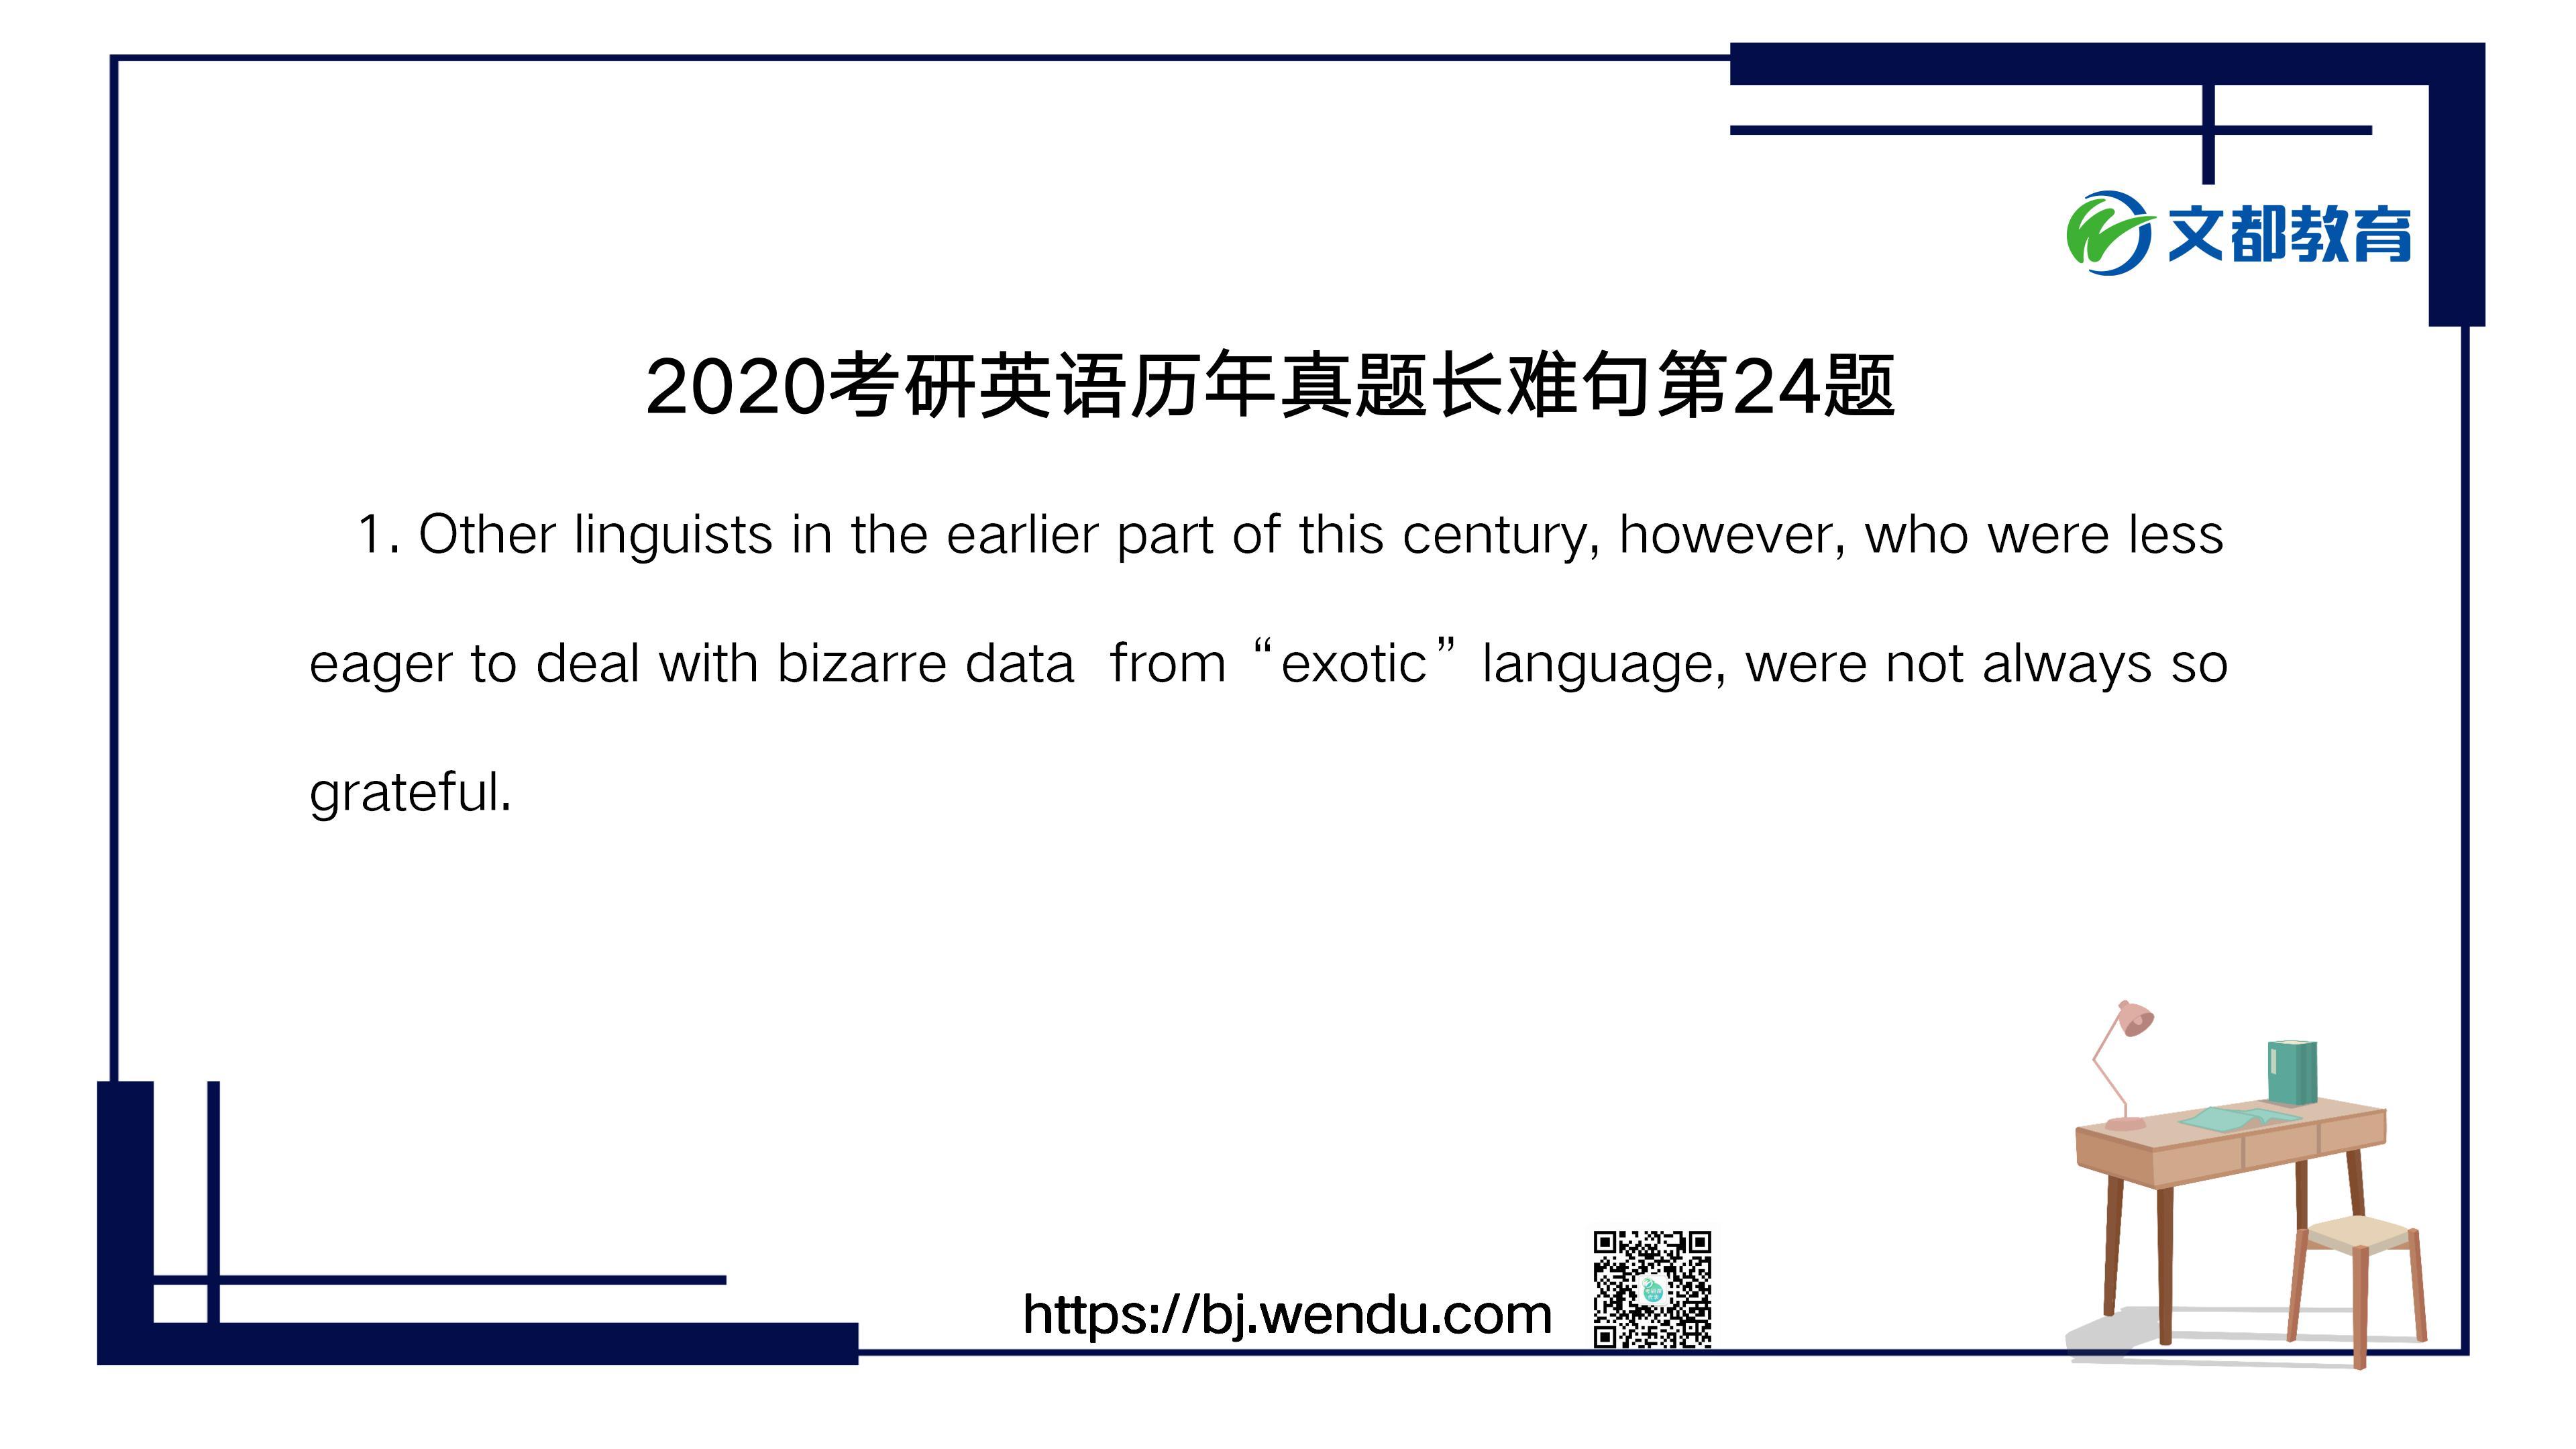 2020考研英语历年真题长难句第24题